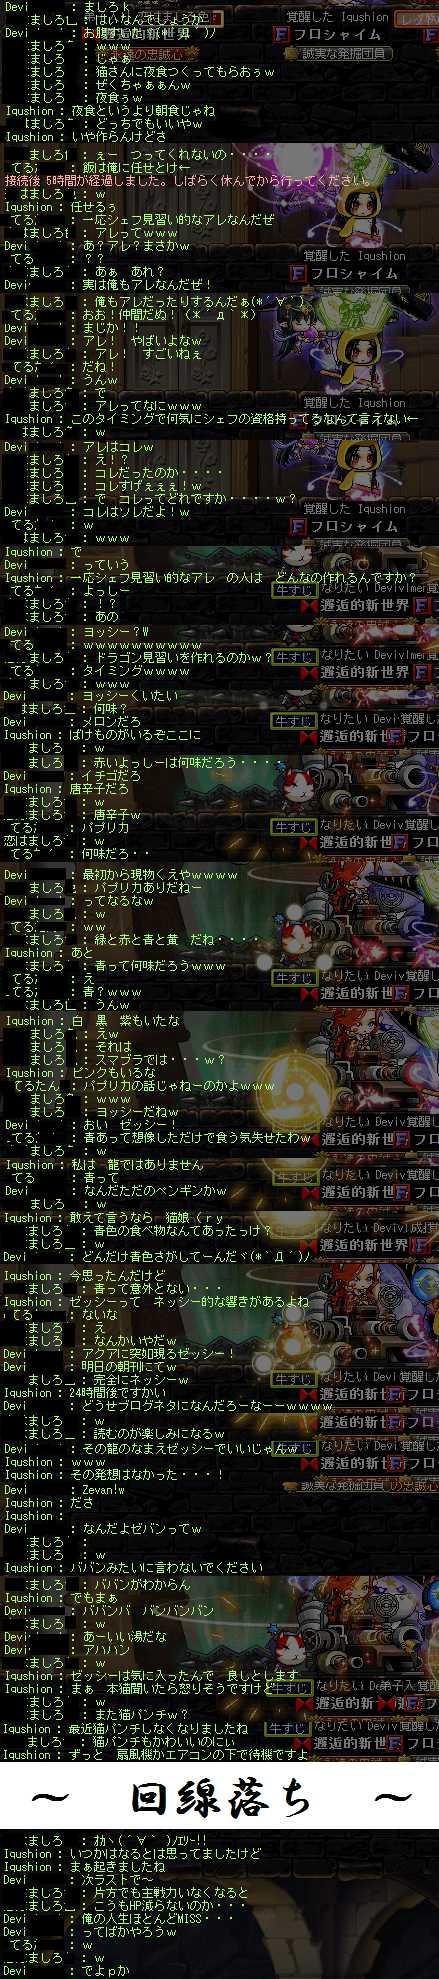 2012_0806_0524.jpg